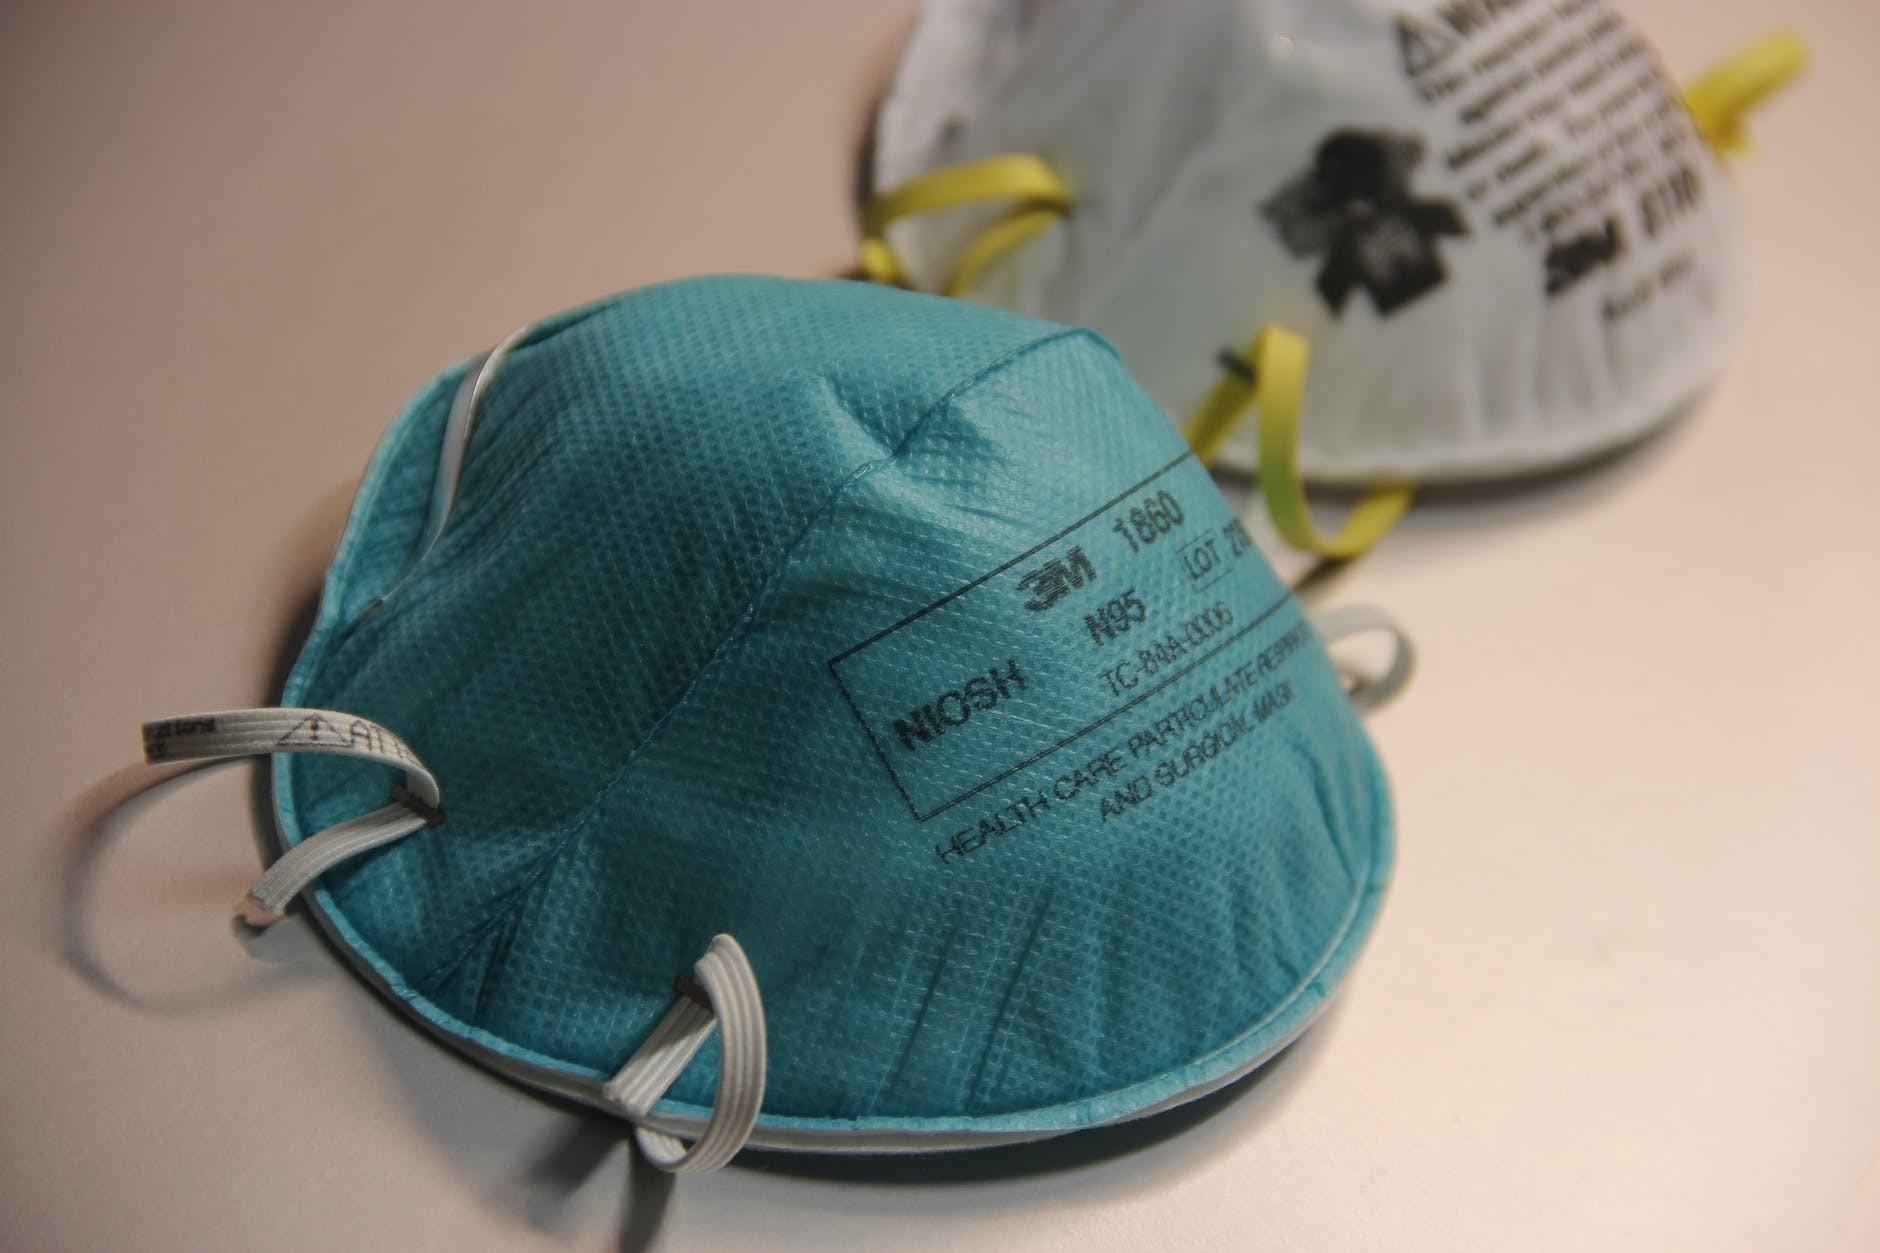 Máscaras N95 são mais resistentes ao coronavírus do que outros modelos de tecido. Ainda assim, elas não são 100% seguras contra o contágio (Foto: CDC / Pexels)